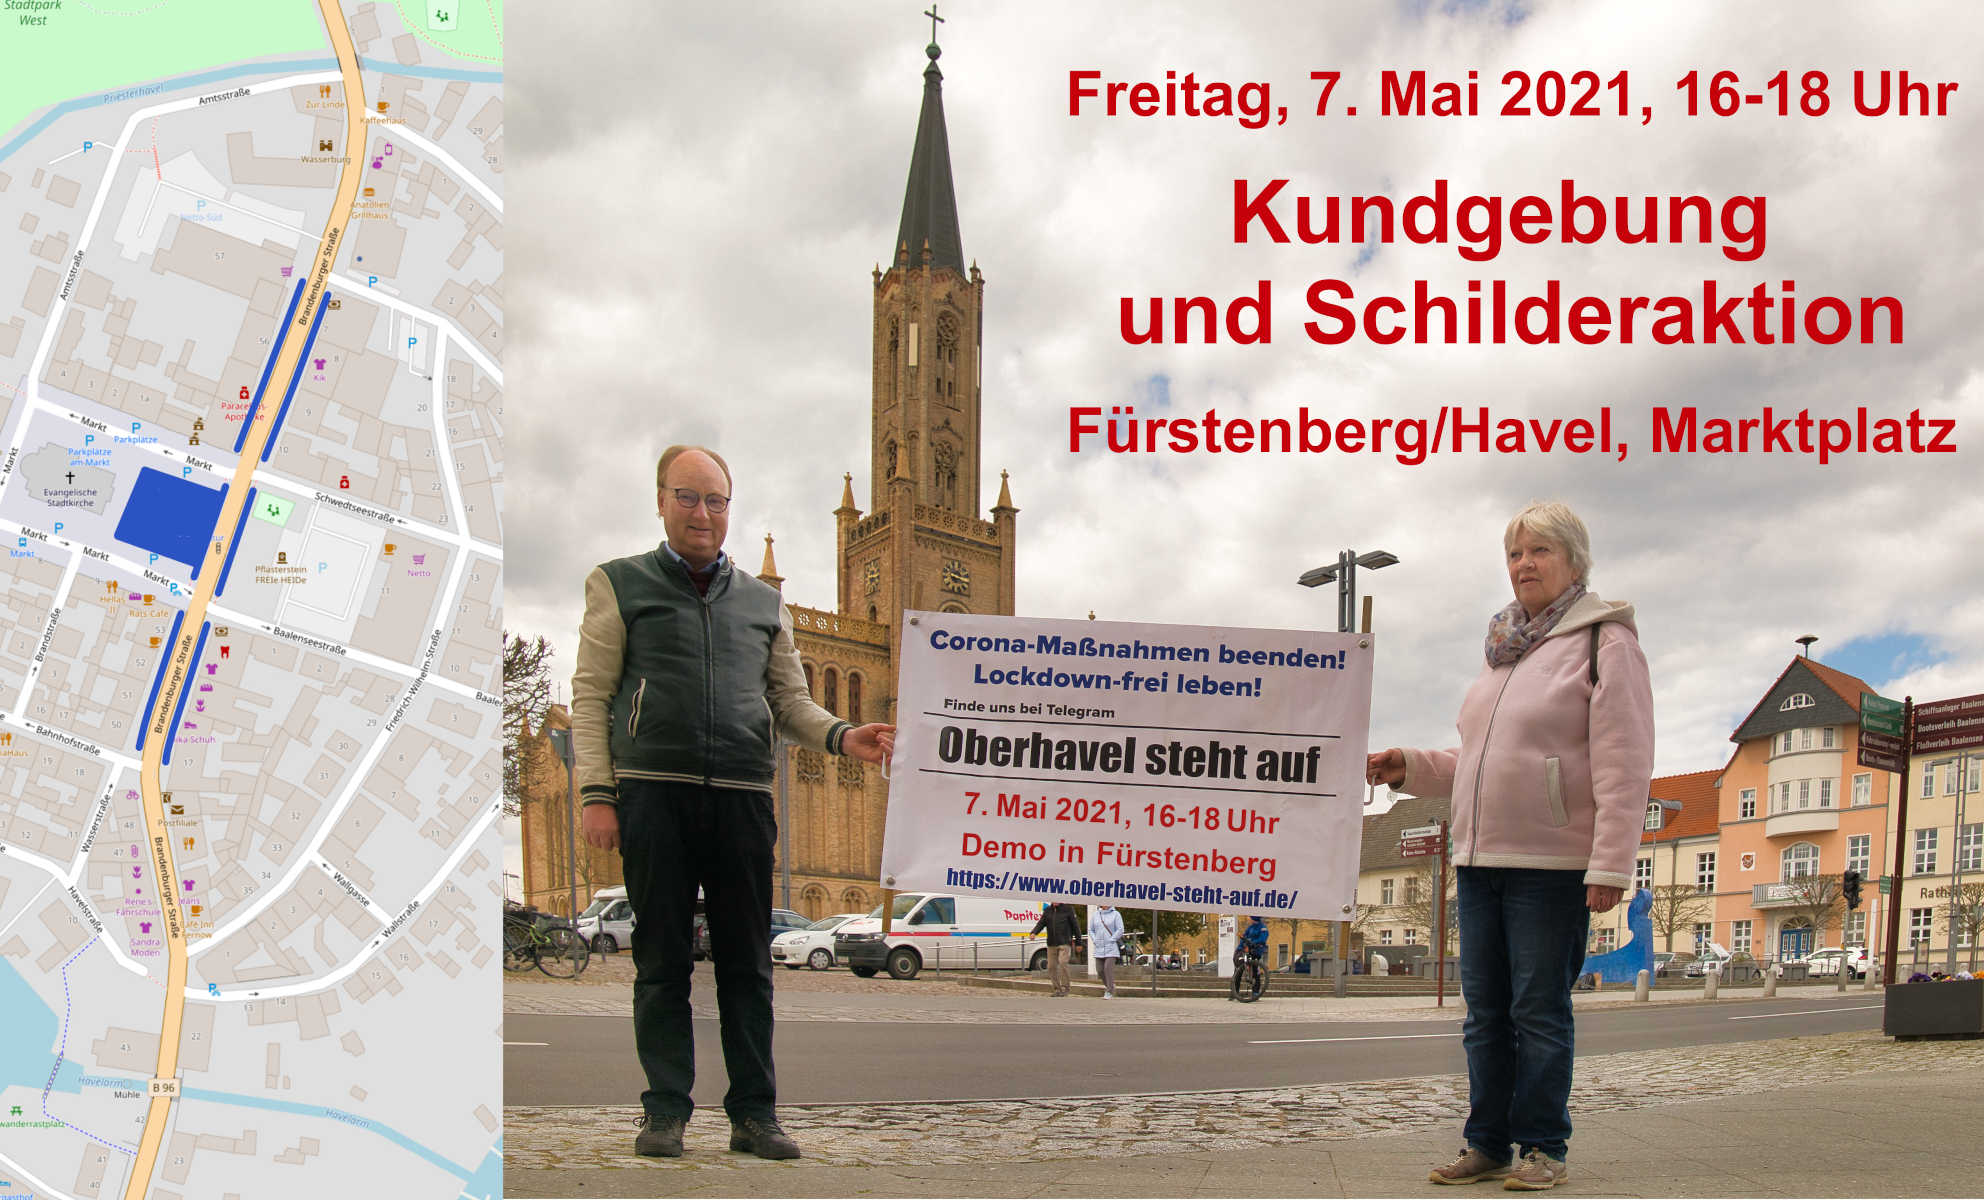 am 07.05.2021 Demo in Fürstenberg/Havel